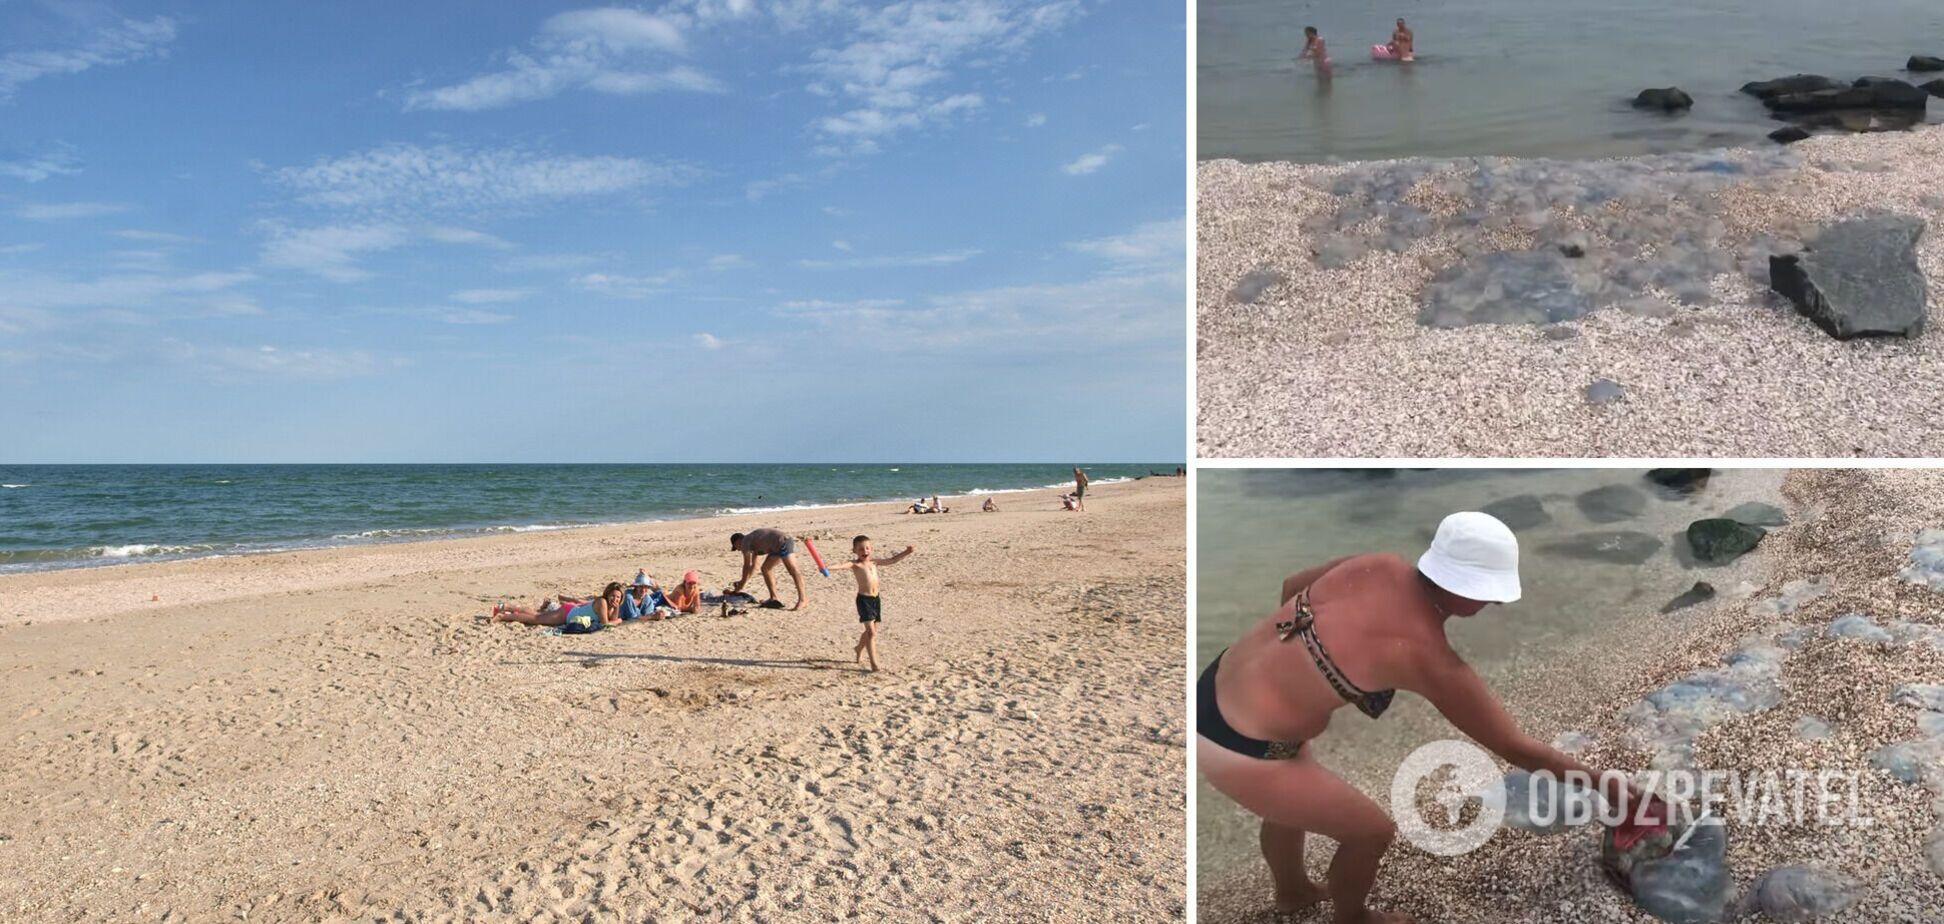 'Медузы лежат на пляже с людьми, загорают': турист показал, что происходит в курортной Кирилловке